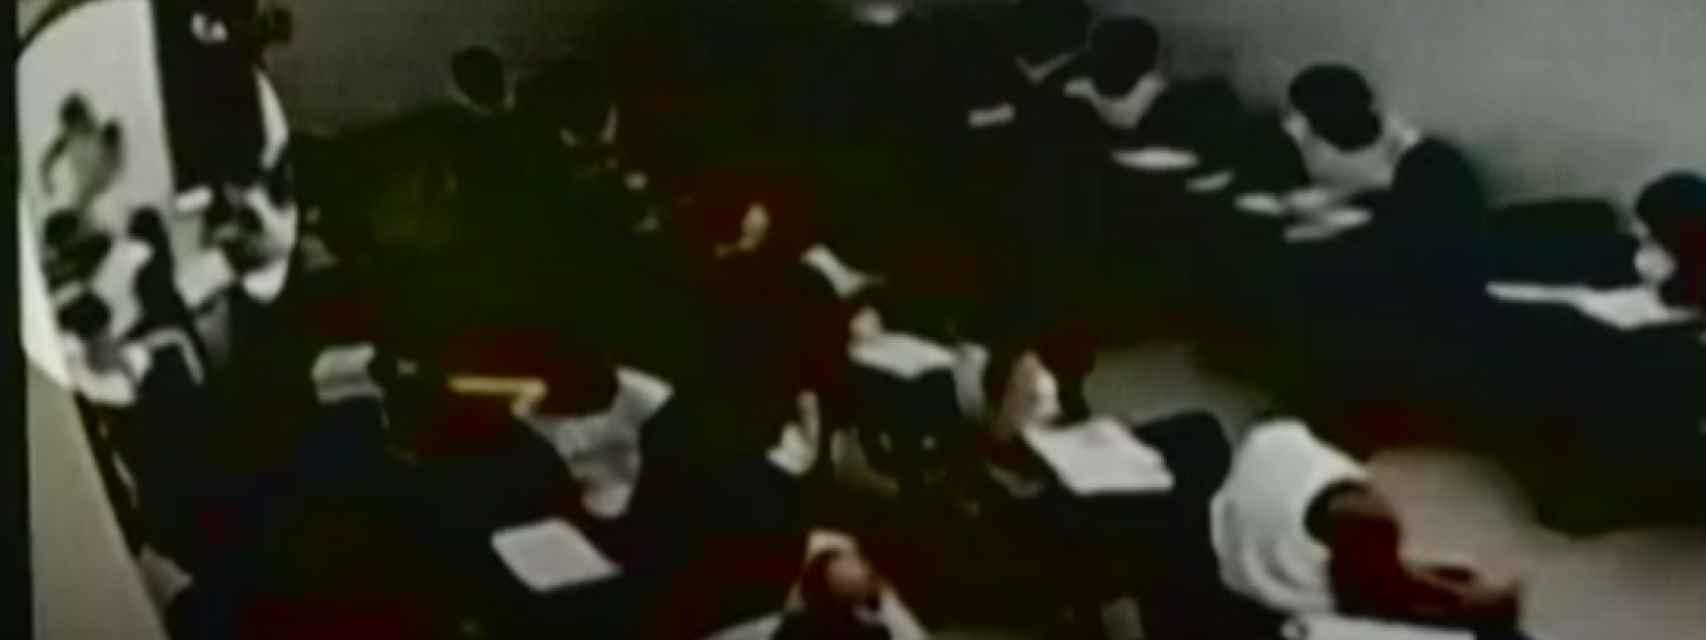 Las cámaras de seguridad captaron a Patrick asestando un navajazo a un profesor de su colegio